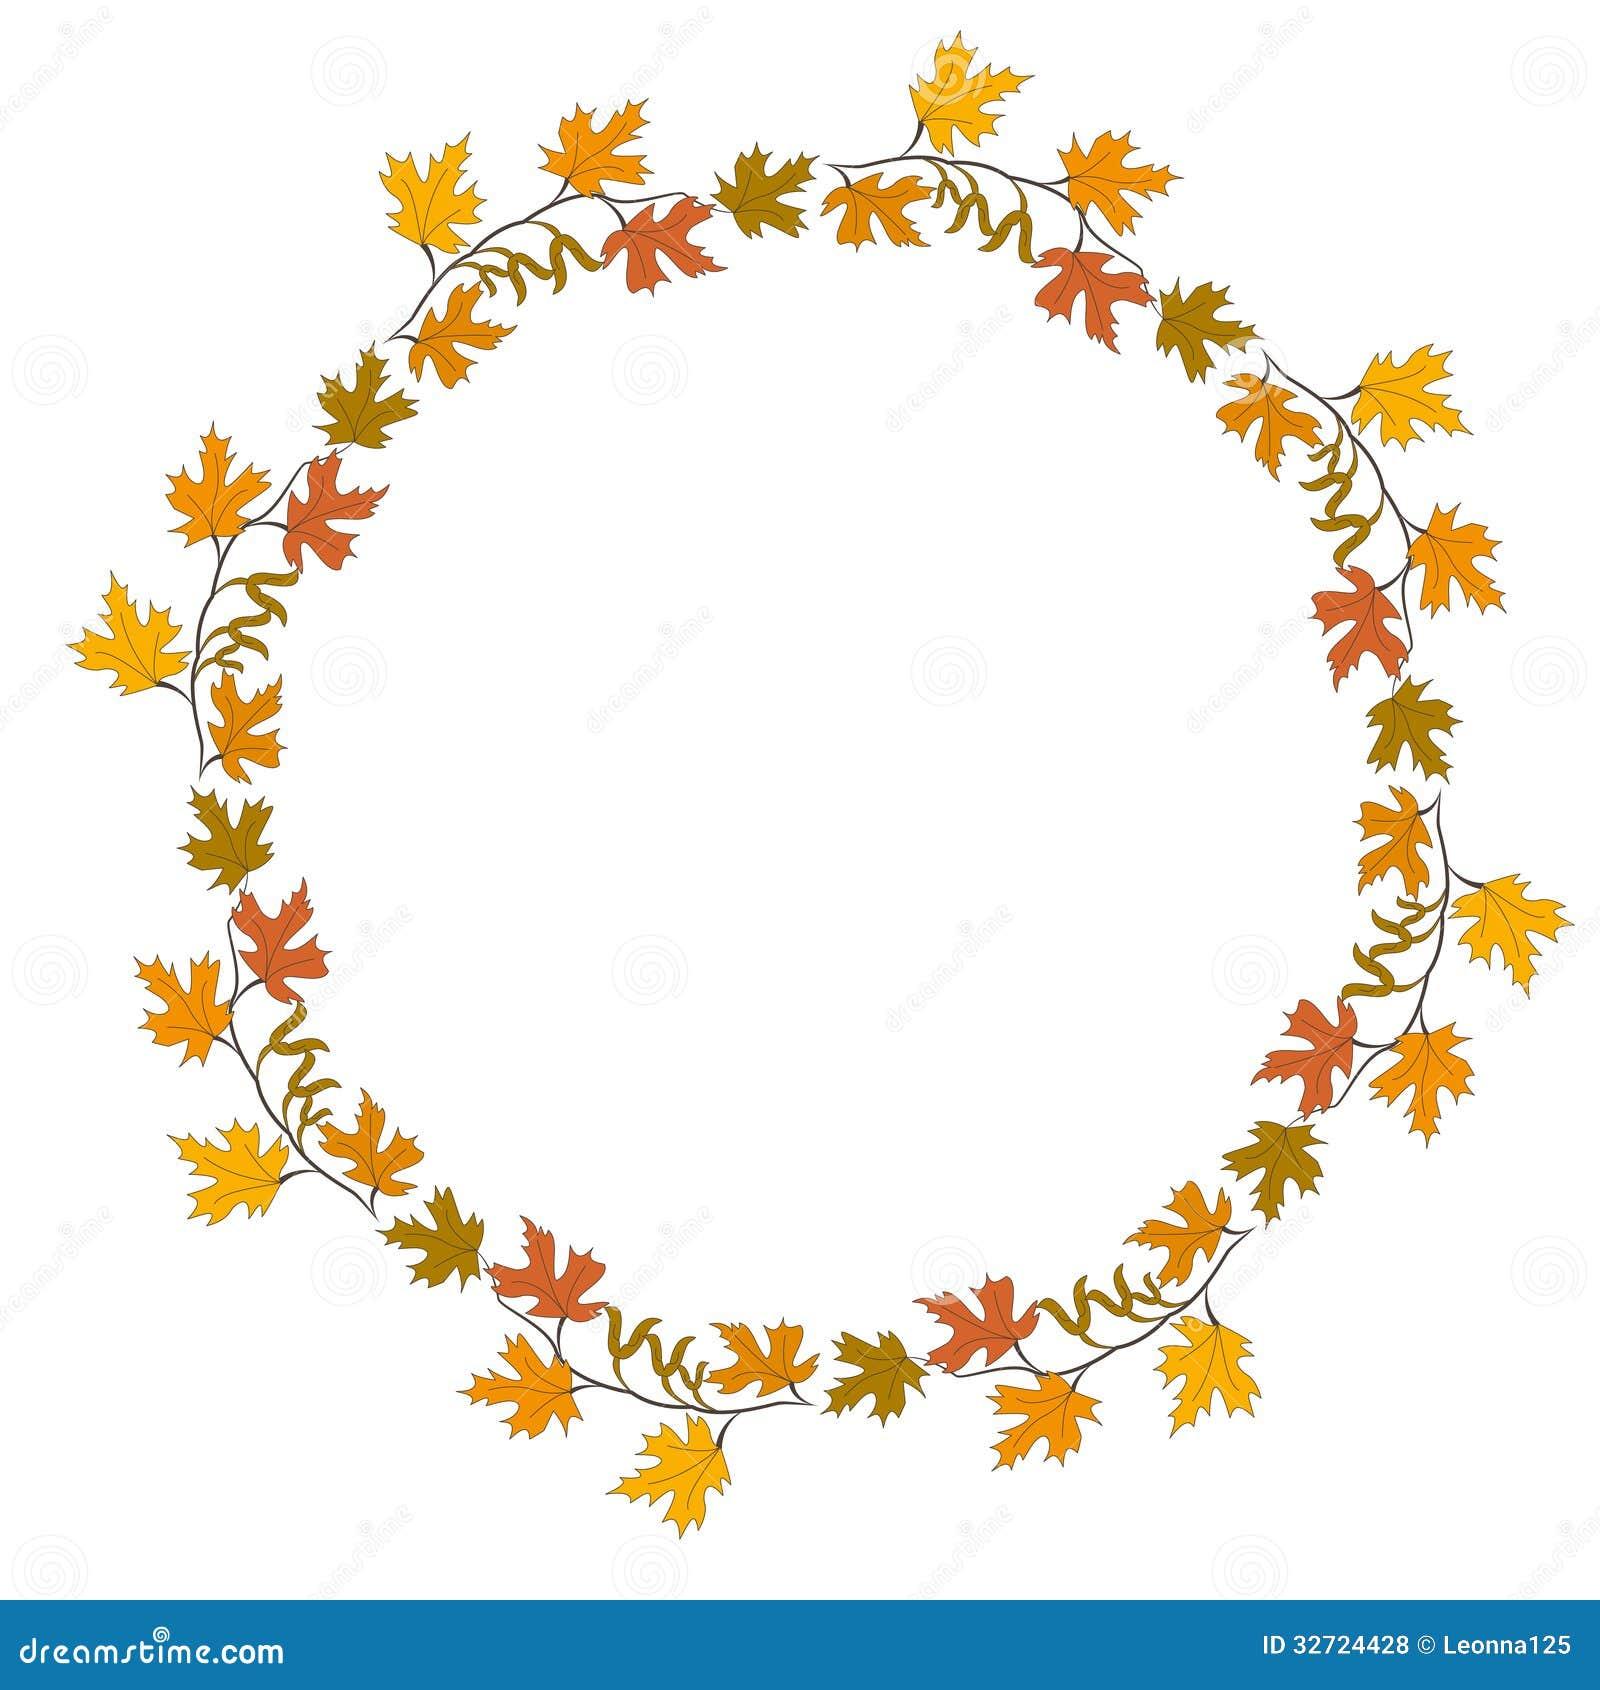 Feuille d 39 automne photos libres de droits image 32724428 - Image feuille automne ...